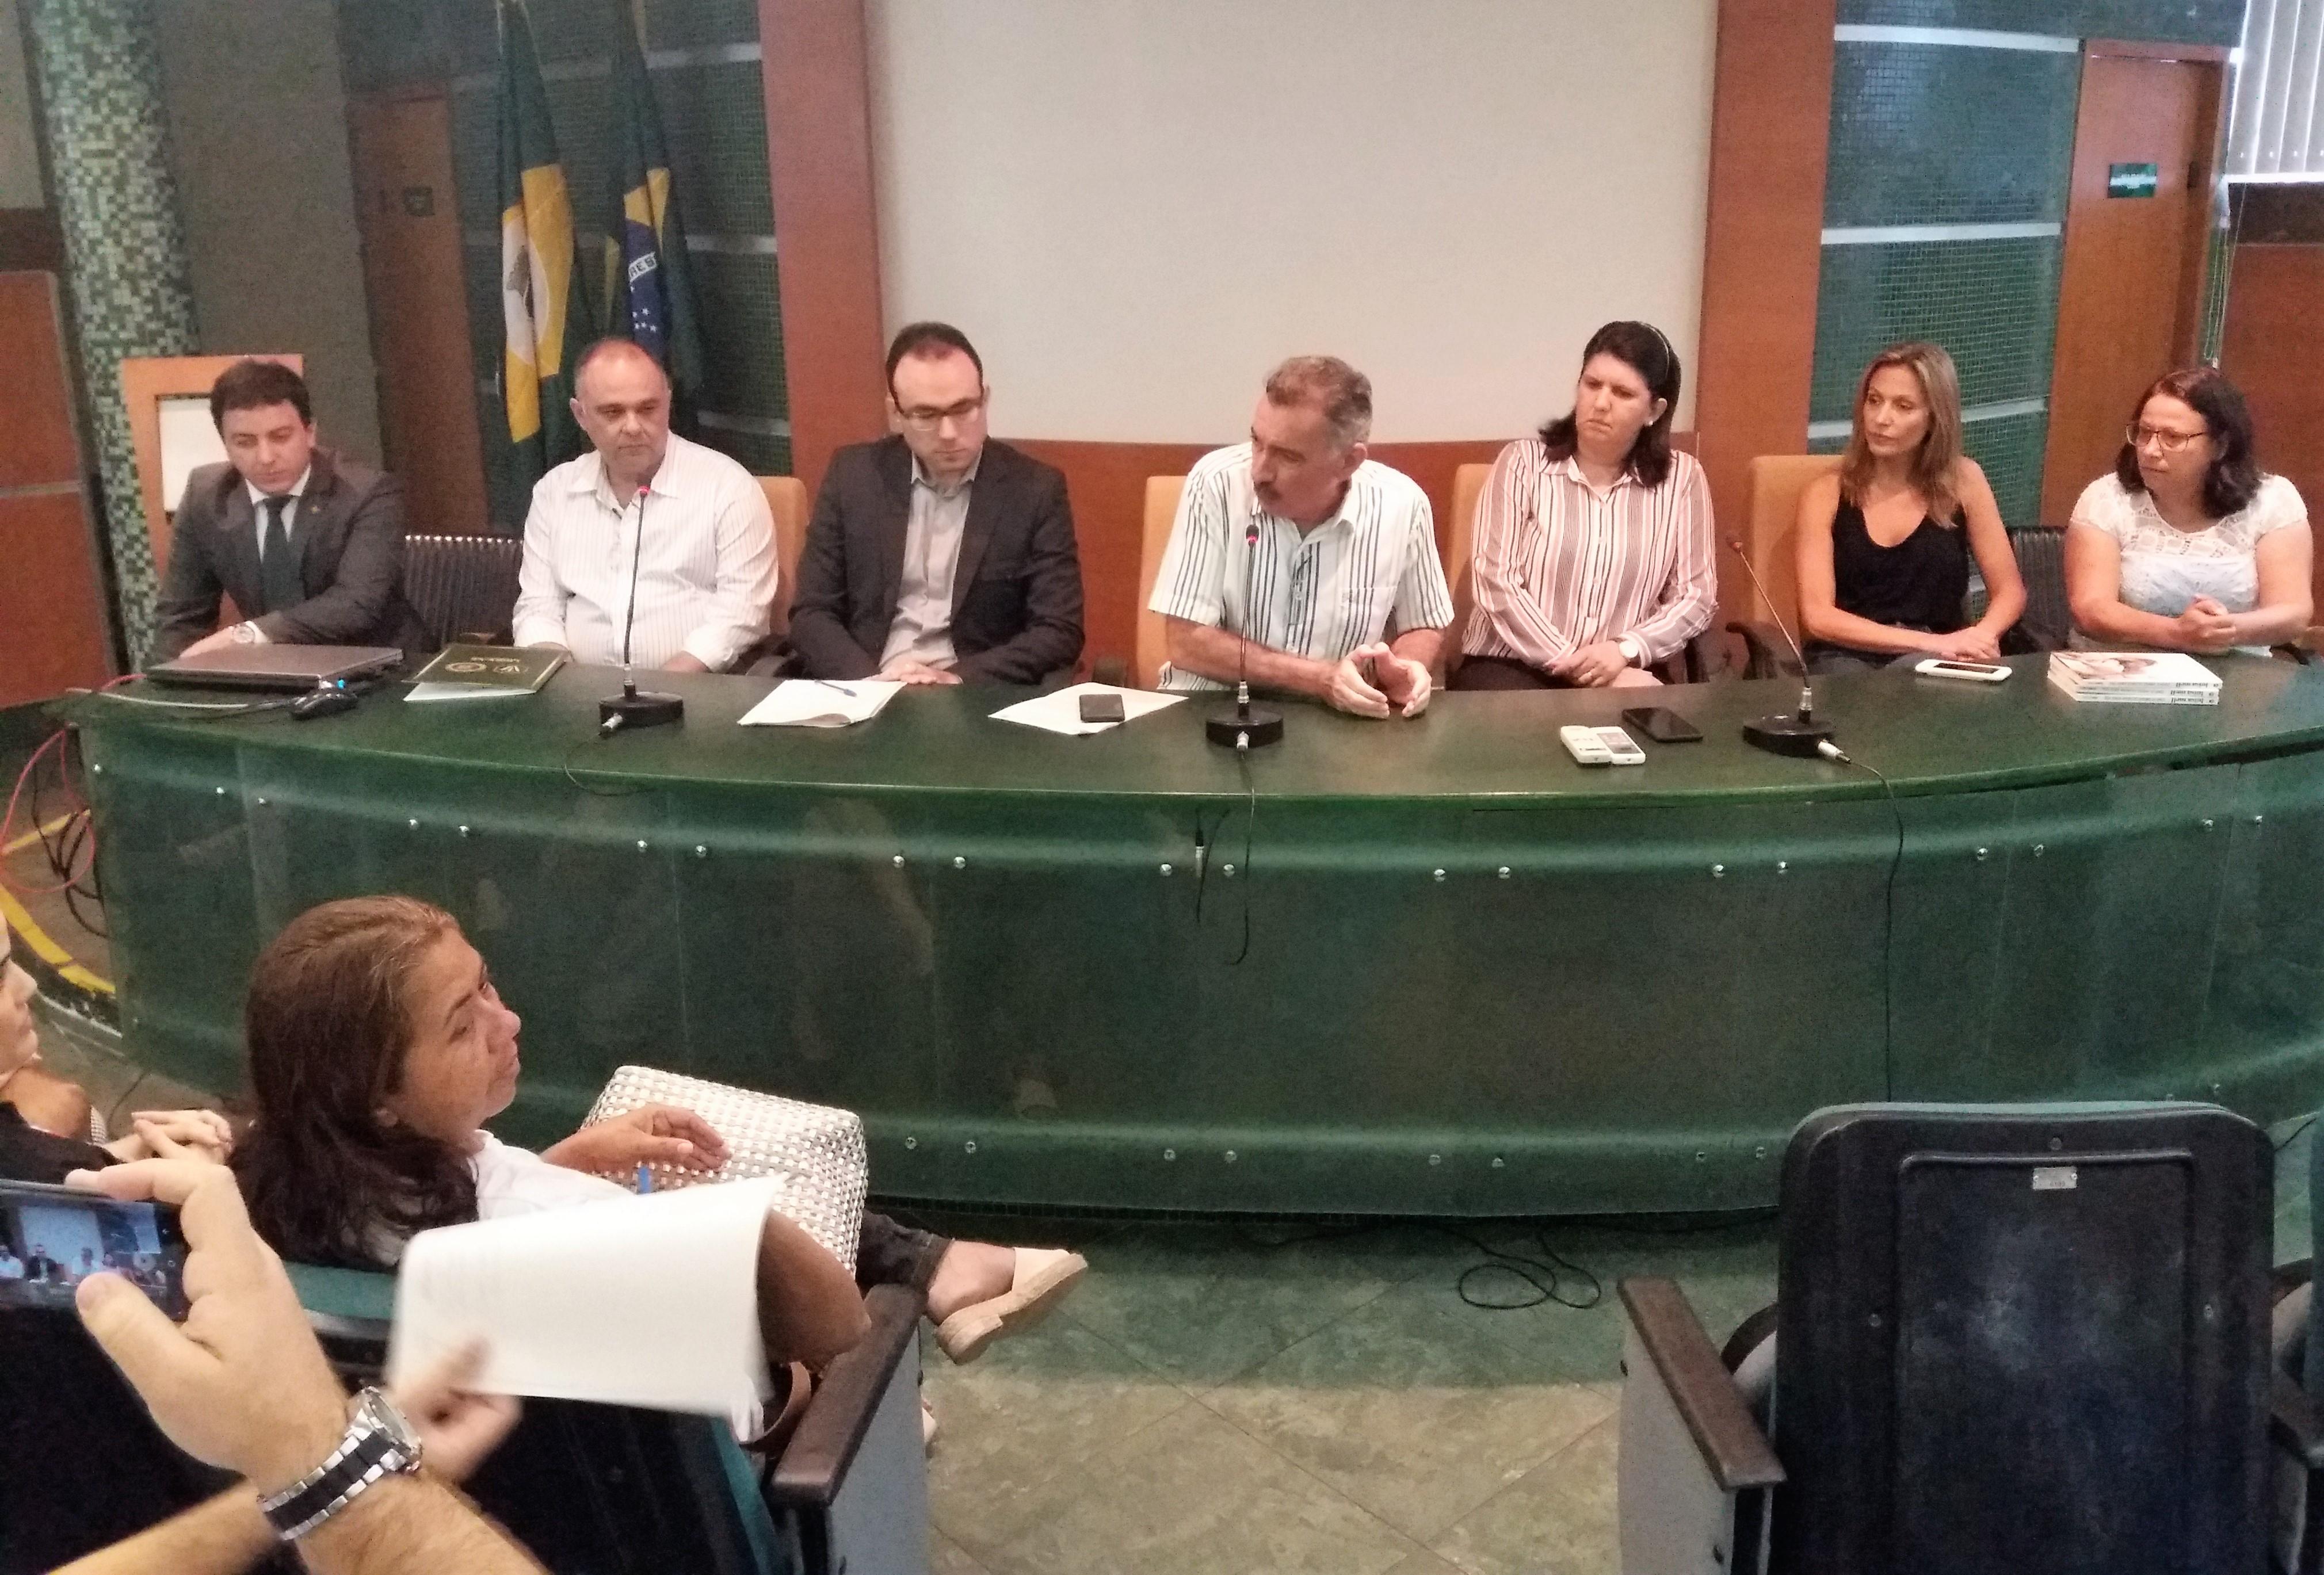 Secretário do Meio Ambiente, Artur Bruno, comanda mesa na reunião de apresentação dos pareceres sobre a situação dos ursos do zoológico de Canindé